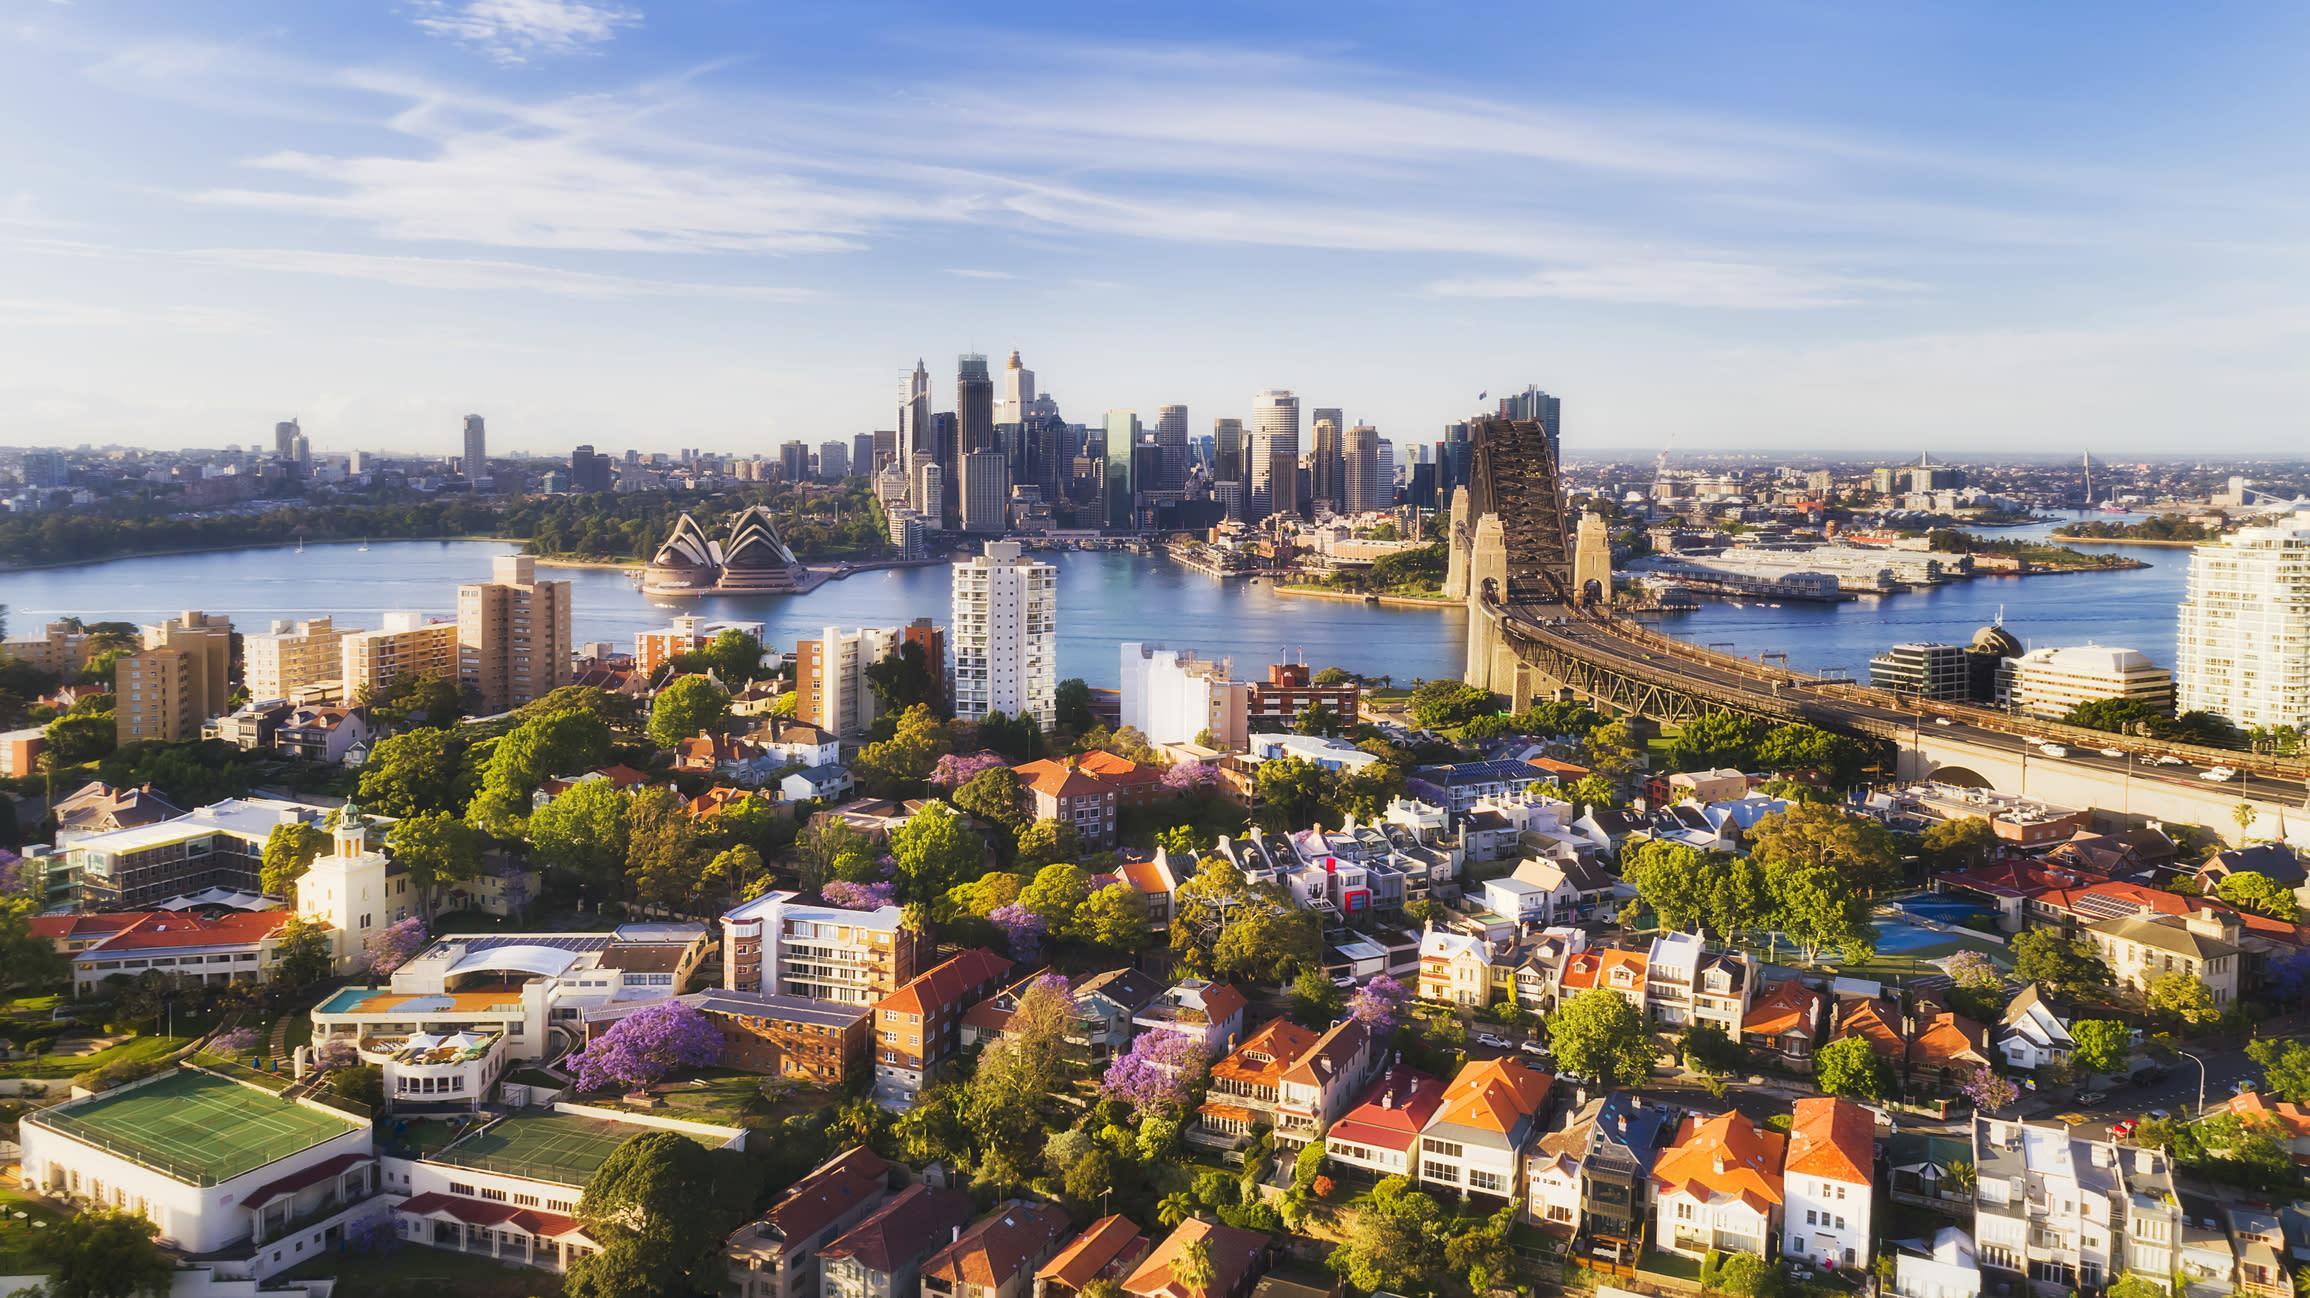 Australian house price crash named major global risk for 2020